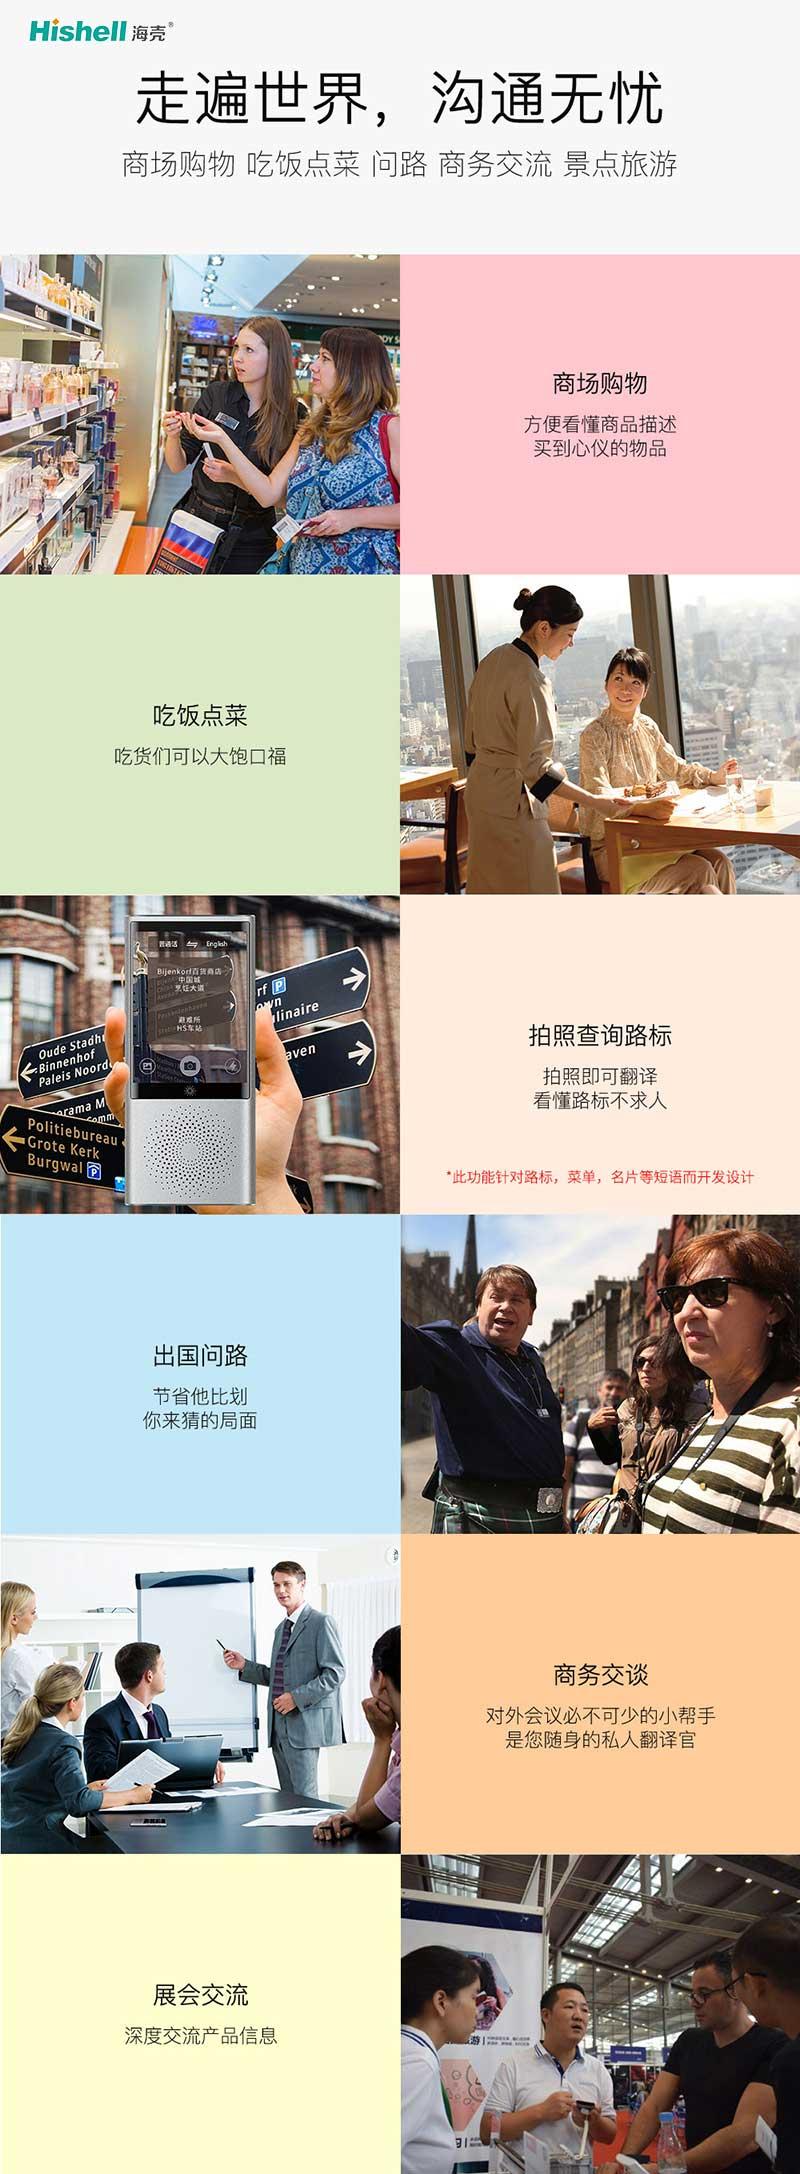 翻译机2.0,解决语言障碍。【海壳】